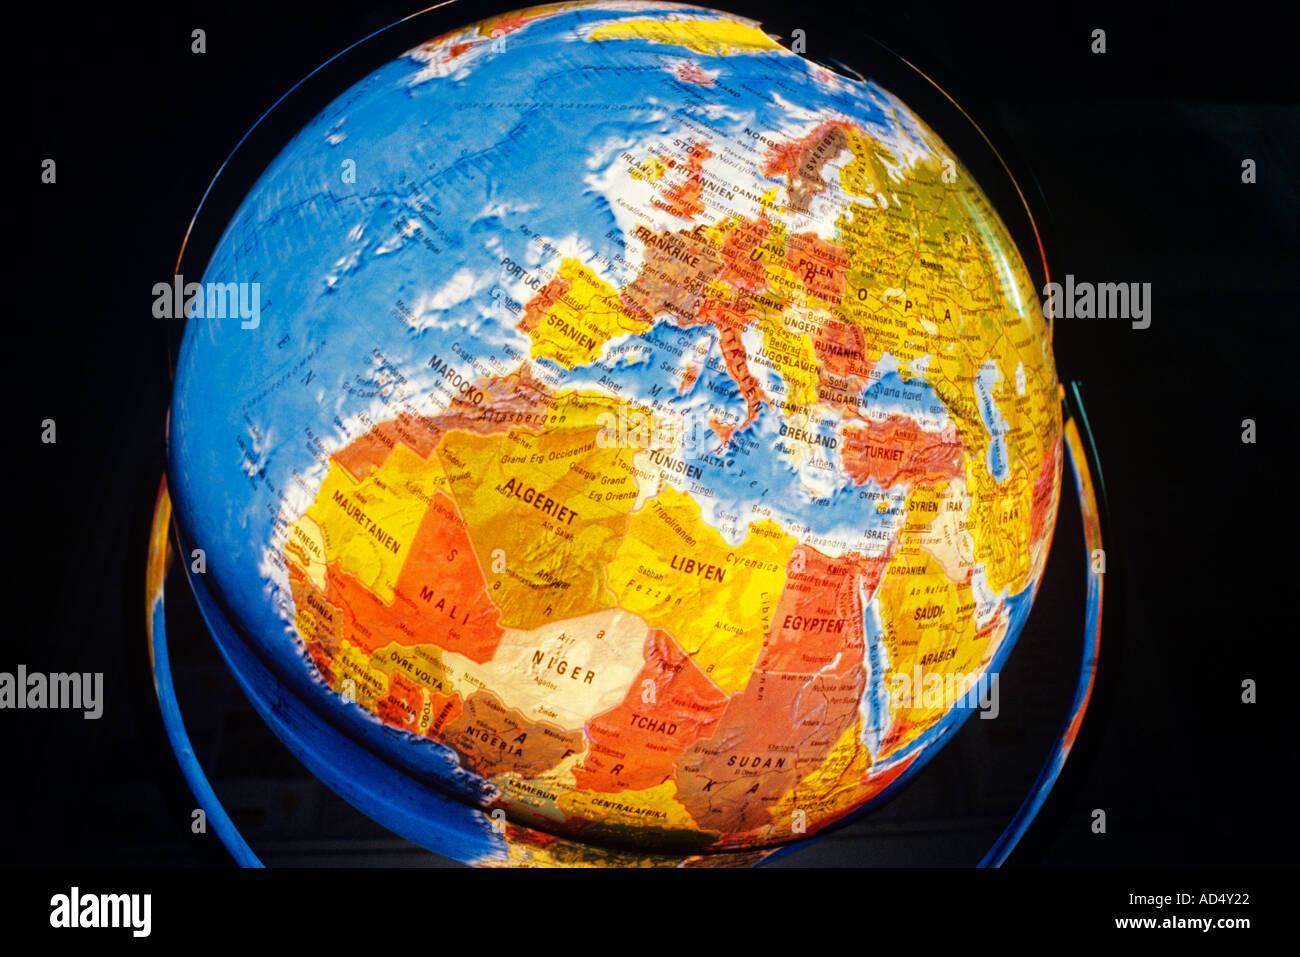 Swedish language illuminated world map globe - Stock Image